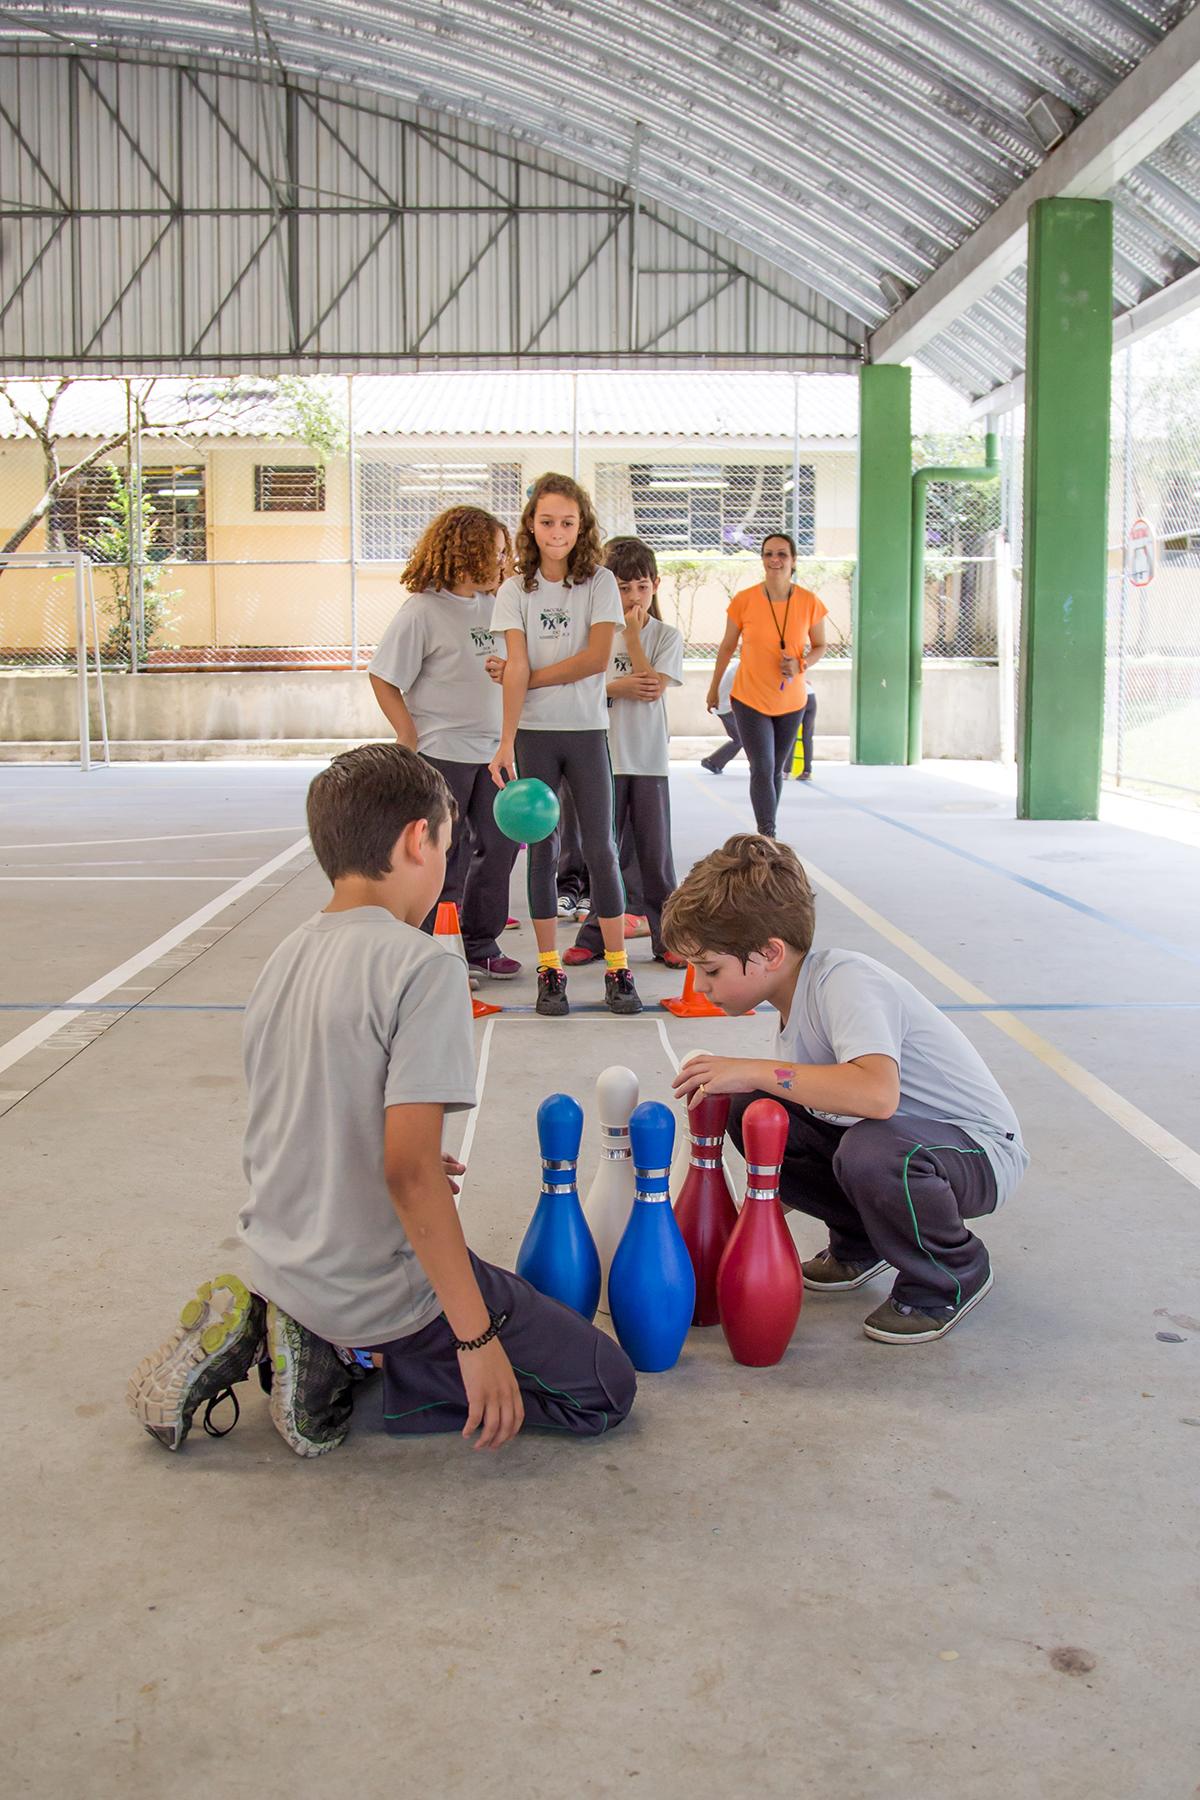 Dois garotos ajoelhados ao chão arrumam os pinos de boliche na posição correta. Atrás, uma fila de estudantes aguarda sua vez para derrubar os objetos. A primeira estudante da fila segura uma bola verde.